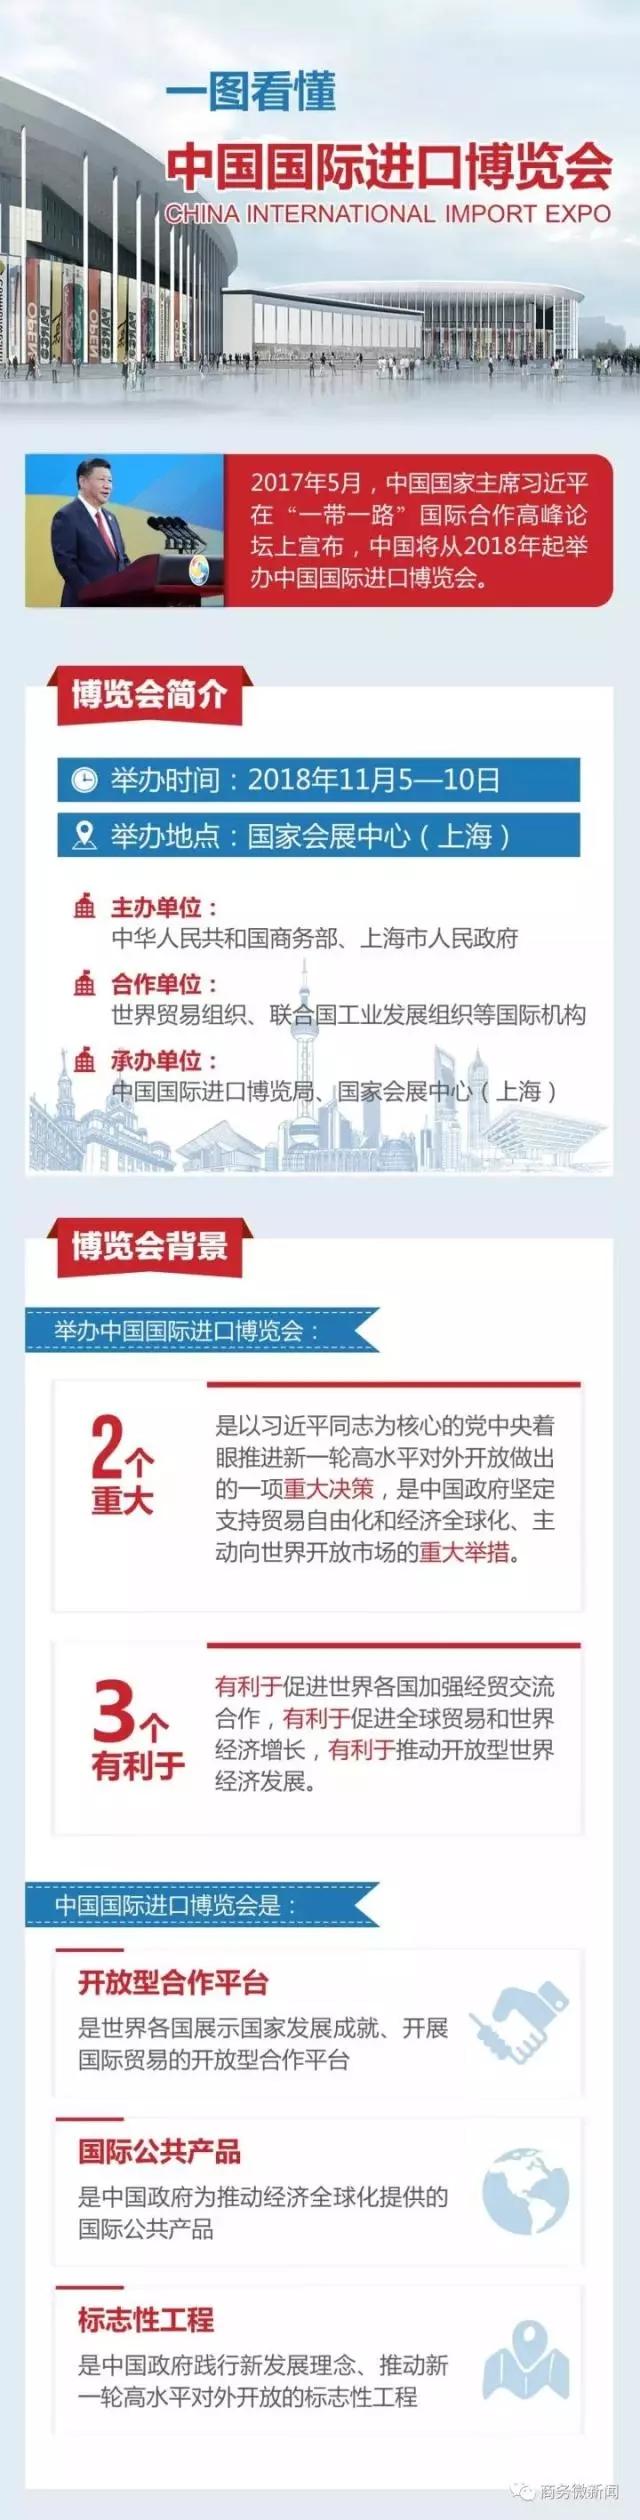 2017中国国际进口博览会时间+地点+门票